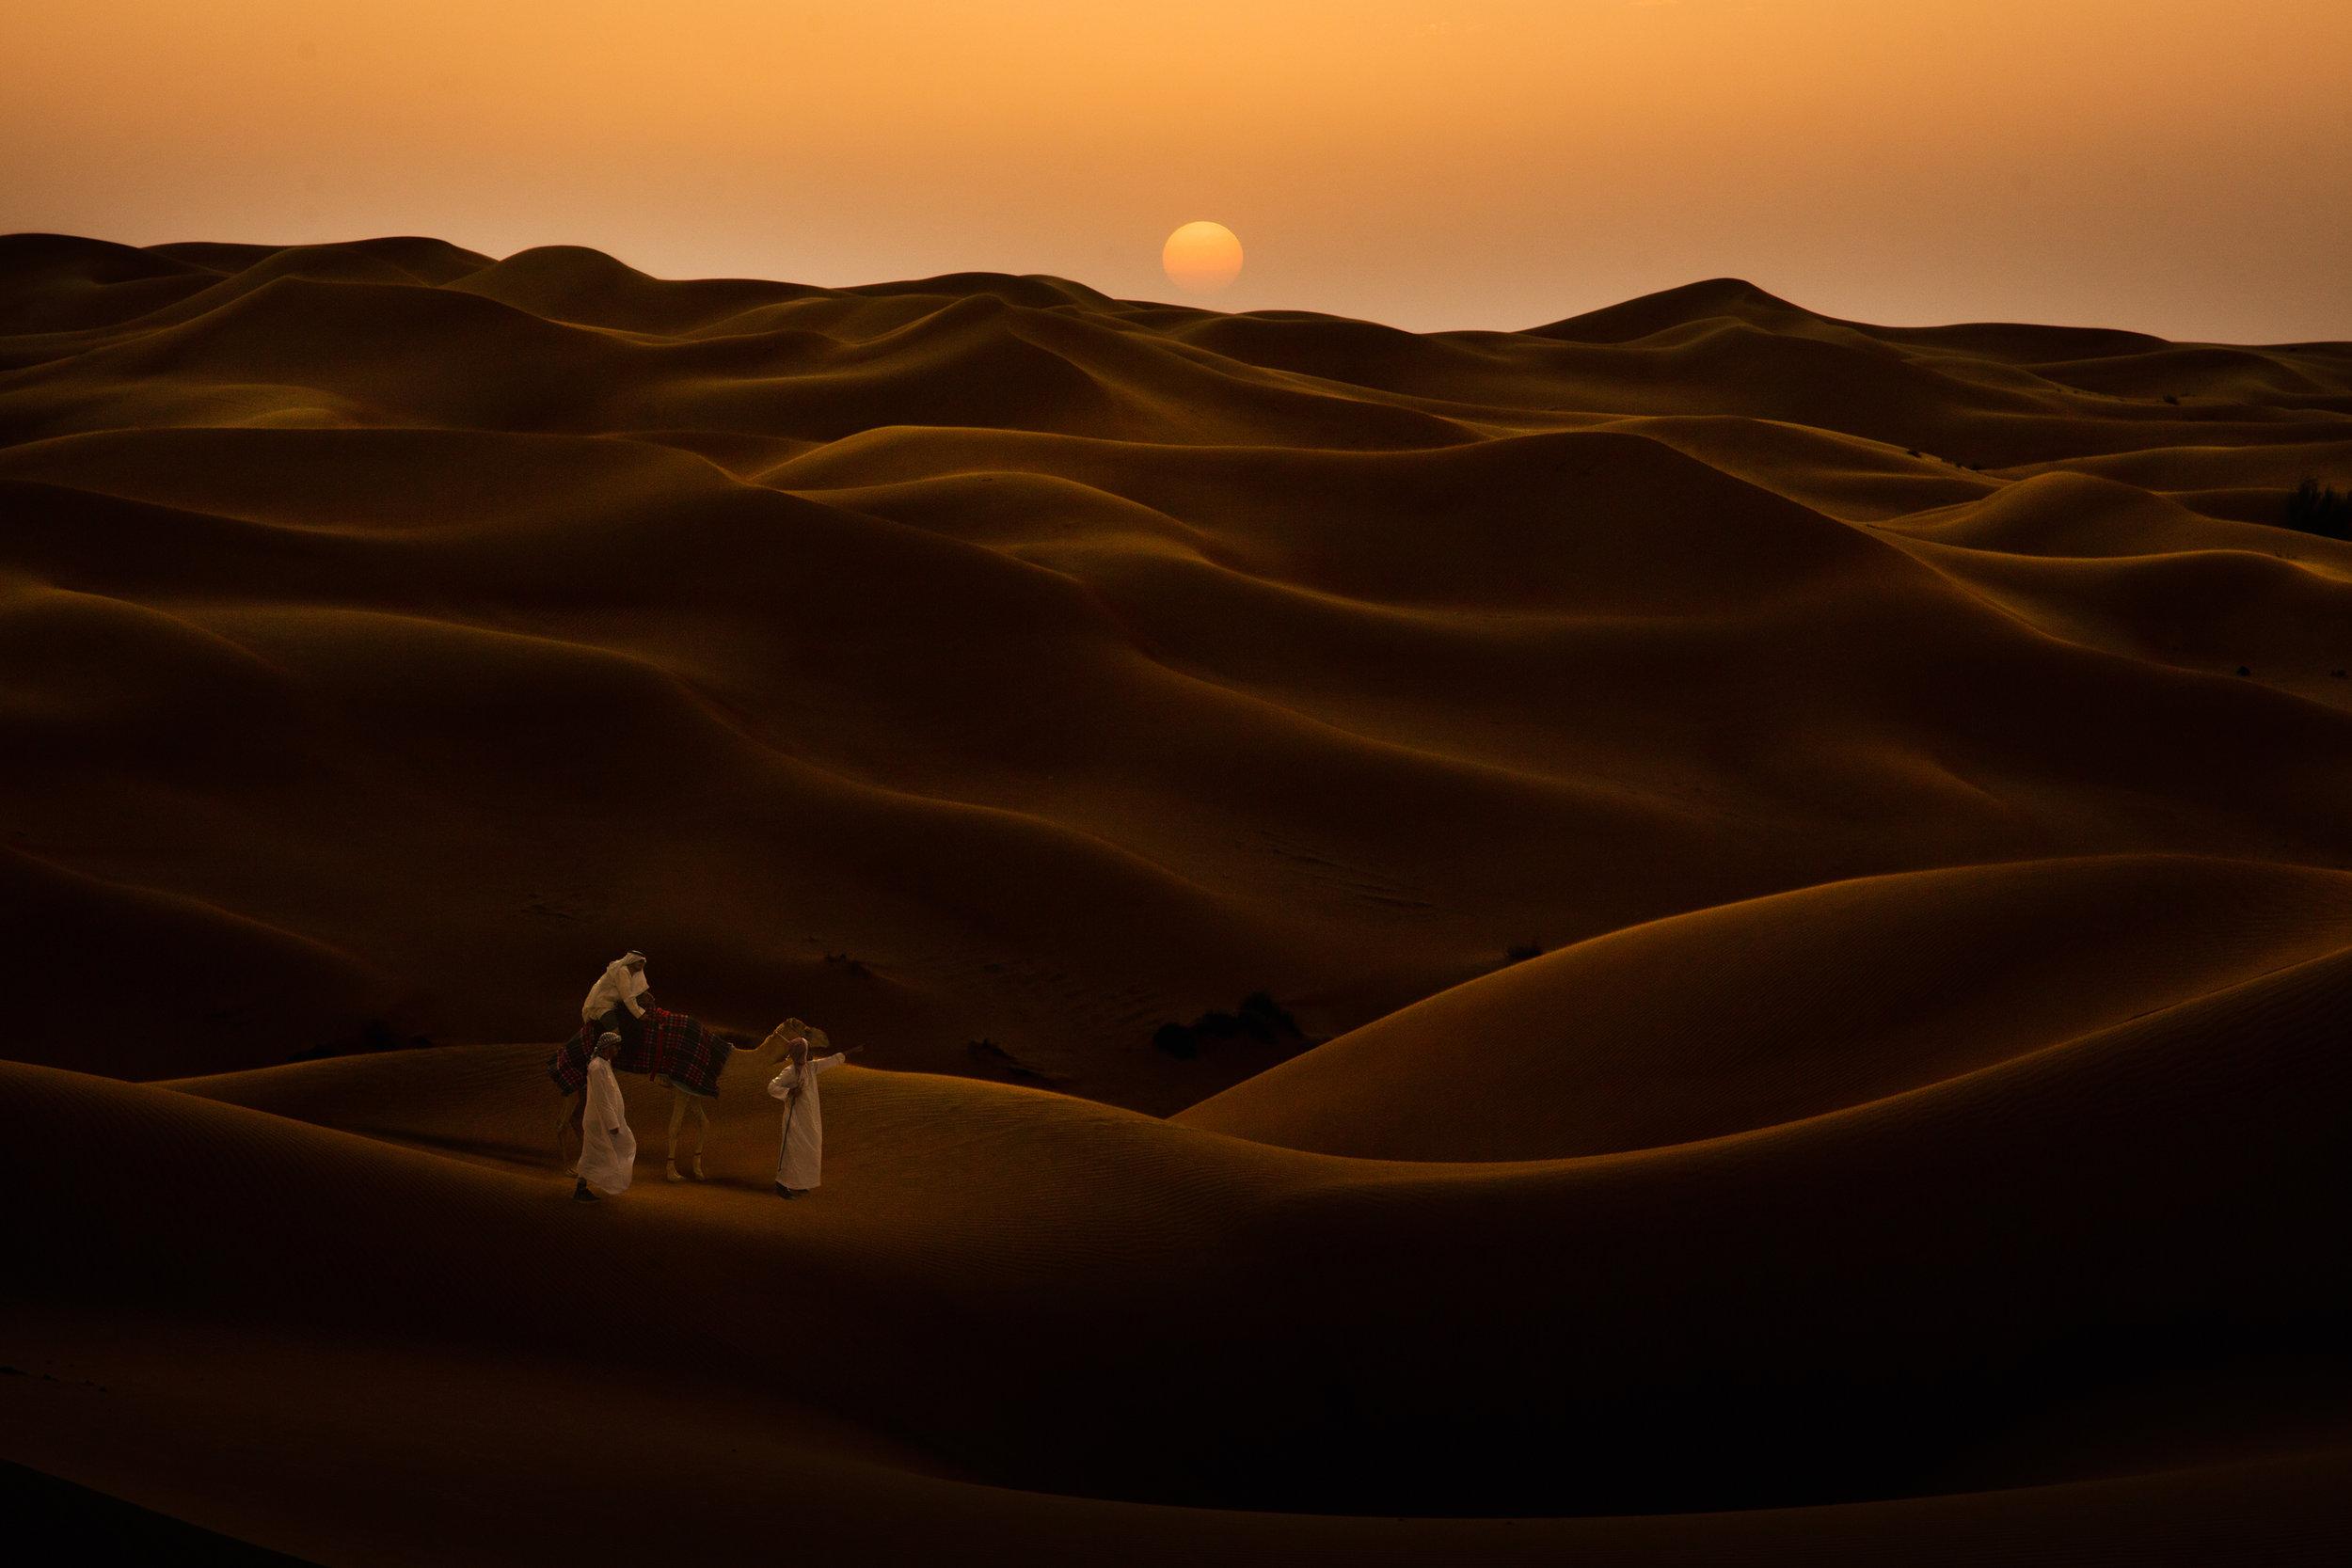 01-Oppener_camel_A98A8092-Broach-Photo.jpg